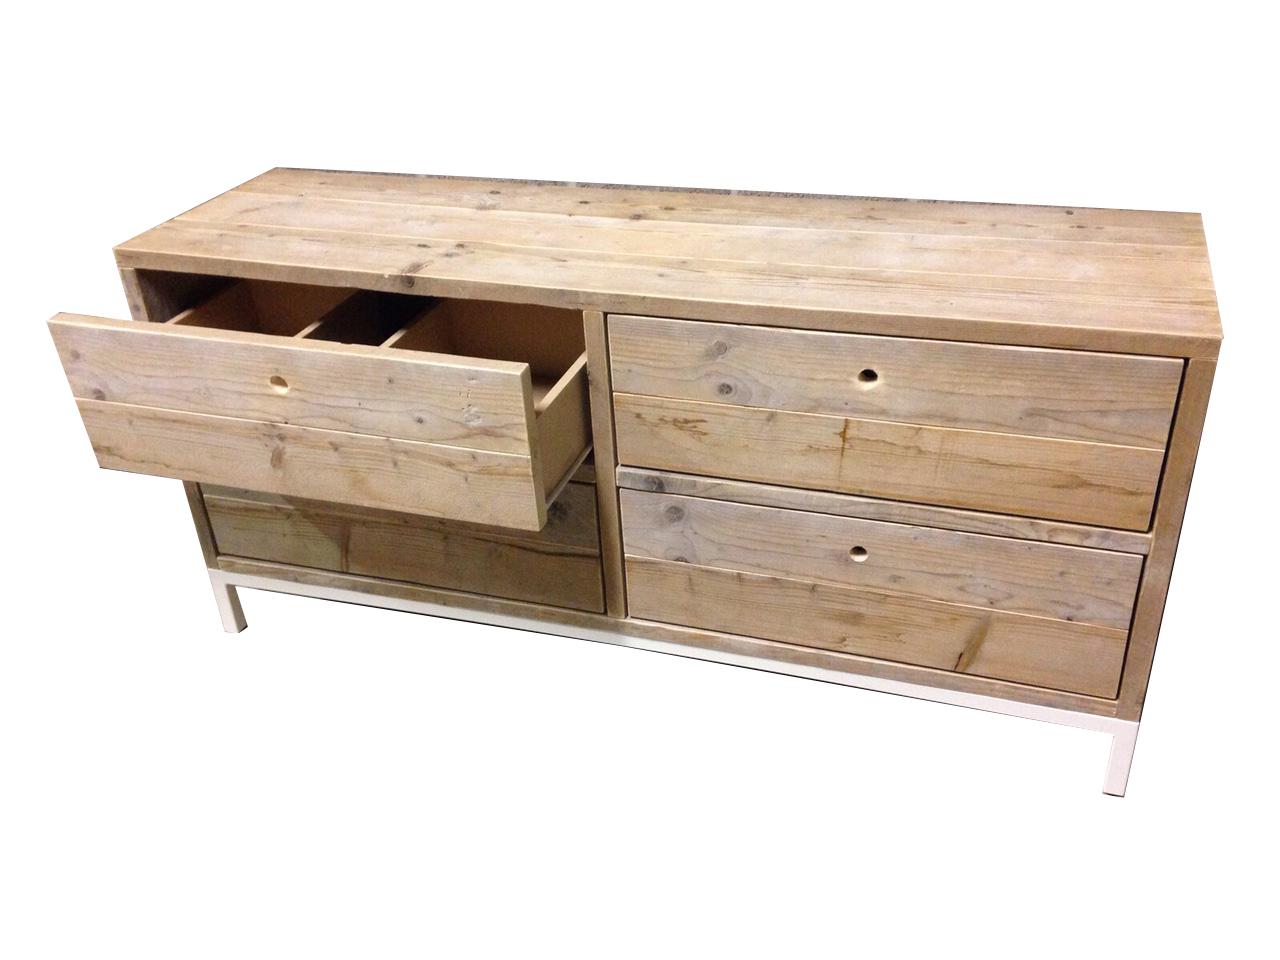 Welk Hout In Badkamer ~ Sloophouten en steigerhouten meubelen op maat gemaakt  PURE Wood